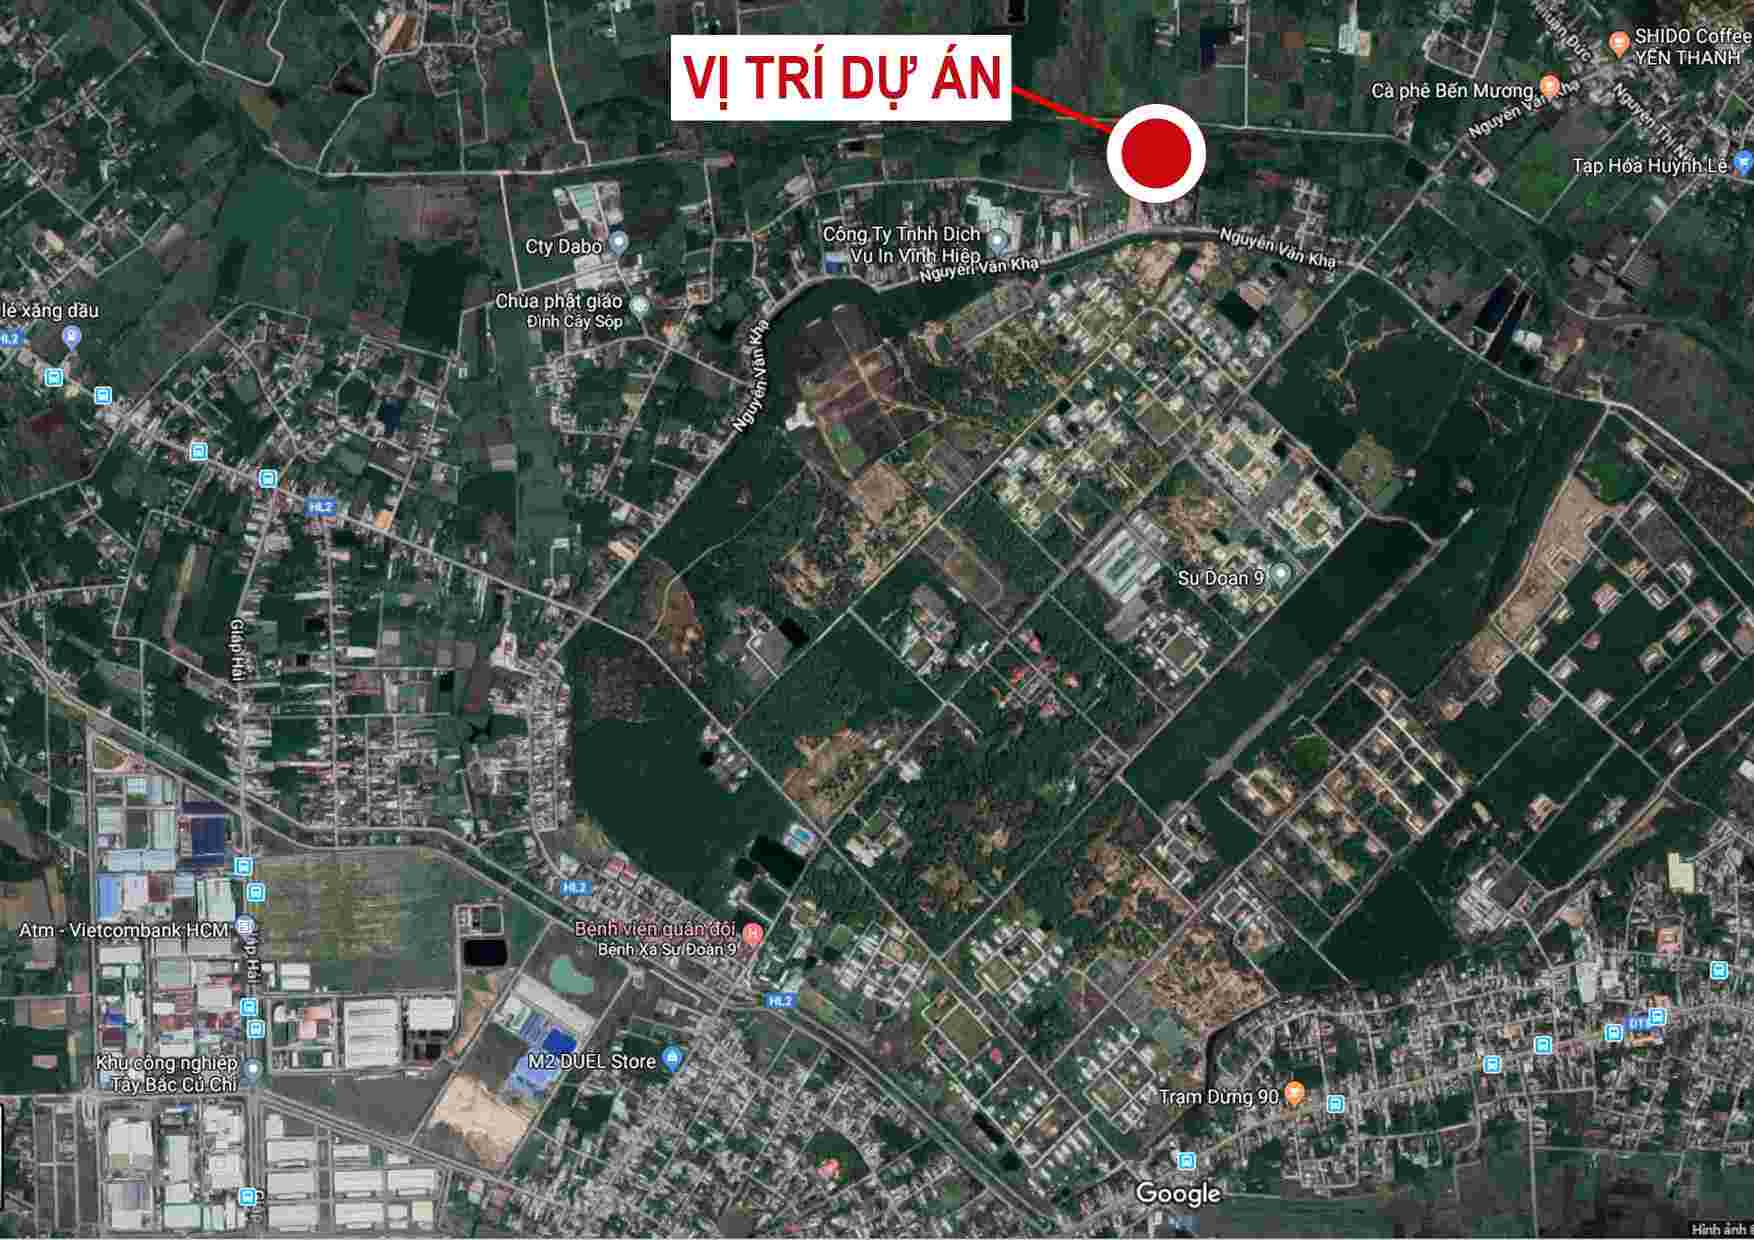 Sài Gòn Eco Town Củ Chi - Vị trí dự án